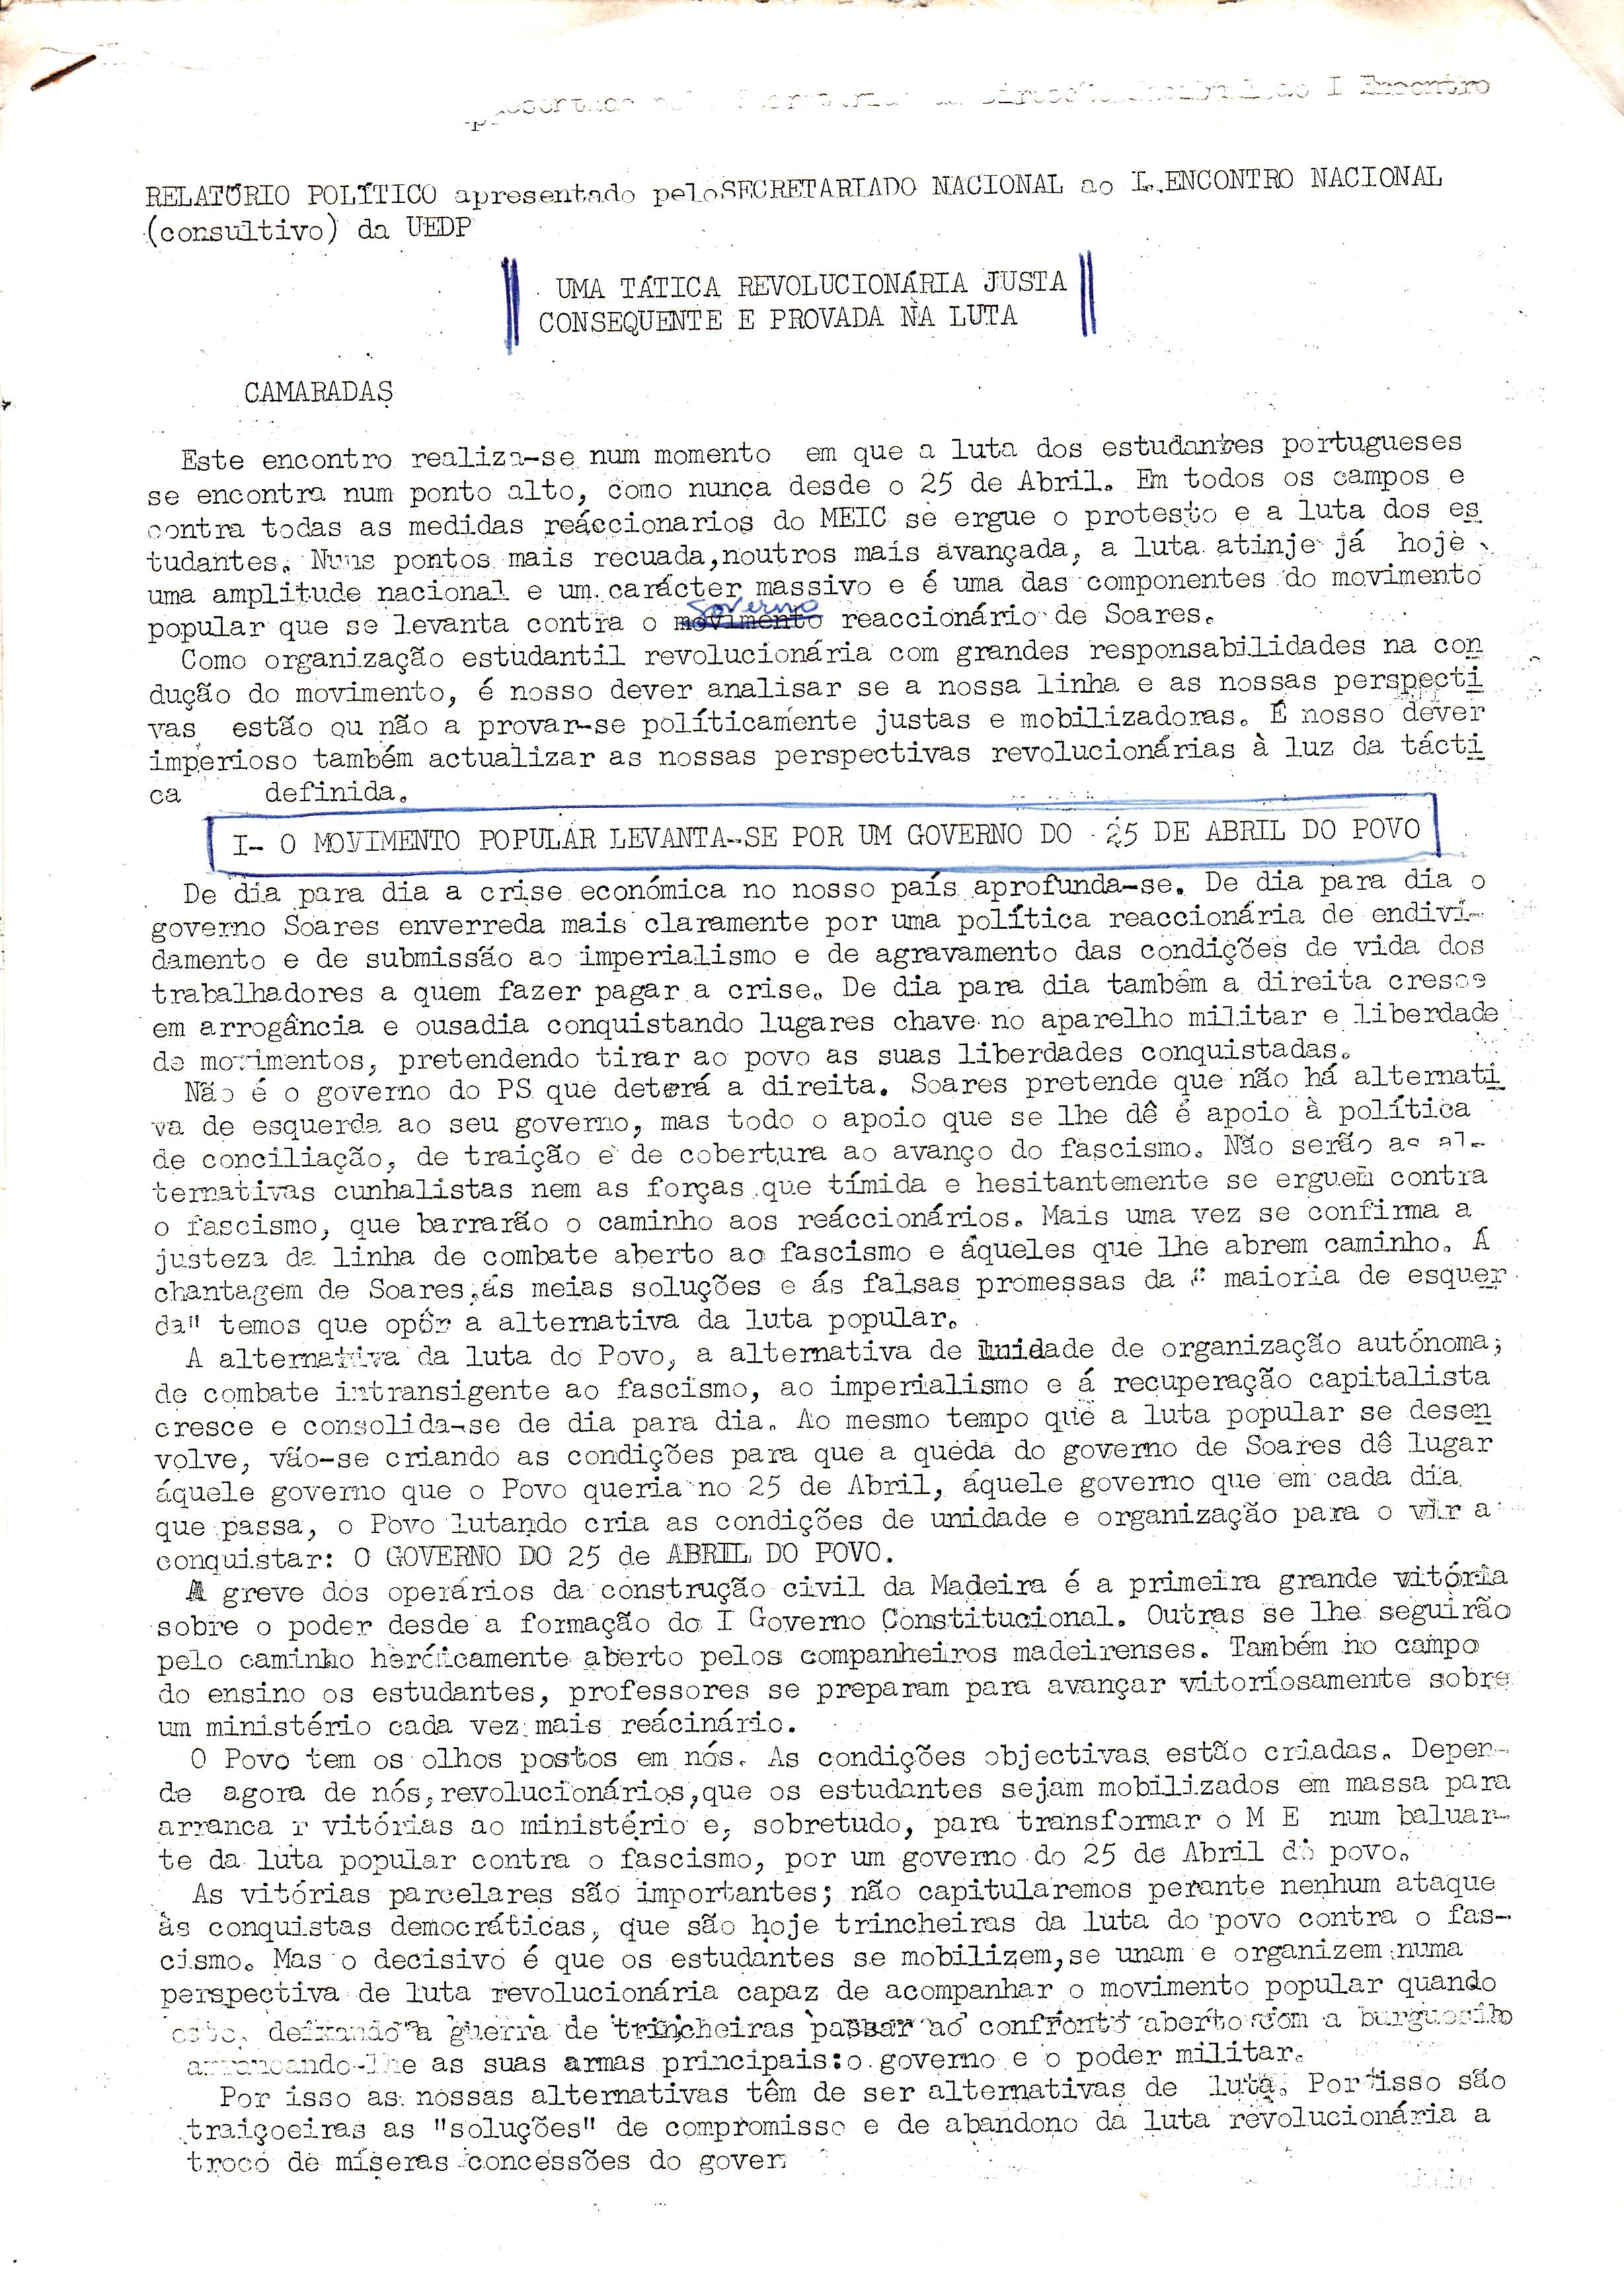 UEDP_1976_encontro_nacional_0002